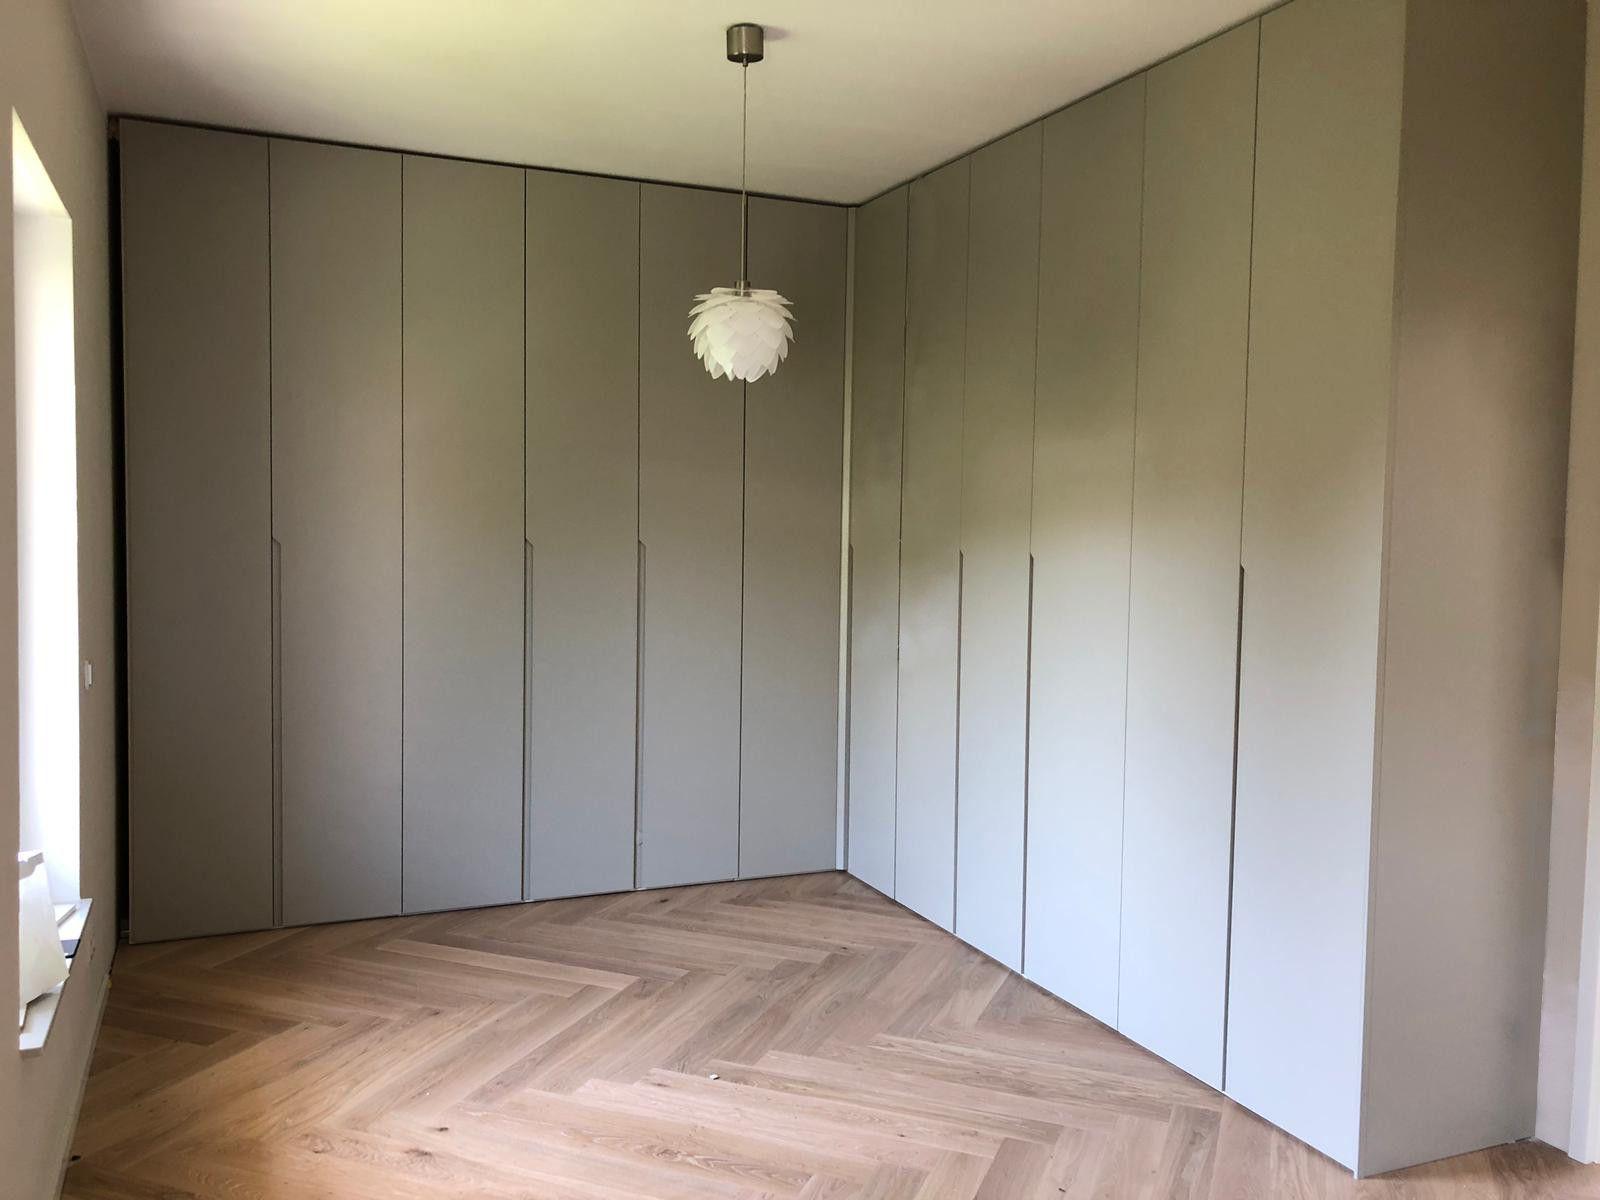 Idaw Schrank Nach Mass Einbauschranke Und Design Kommoden Einbauschrank Garderoben Eingangsbereich Schrank